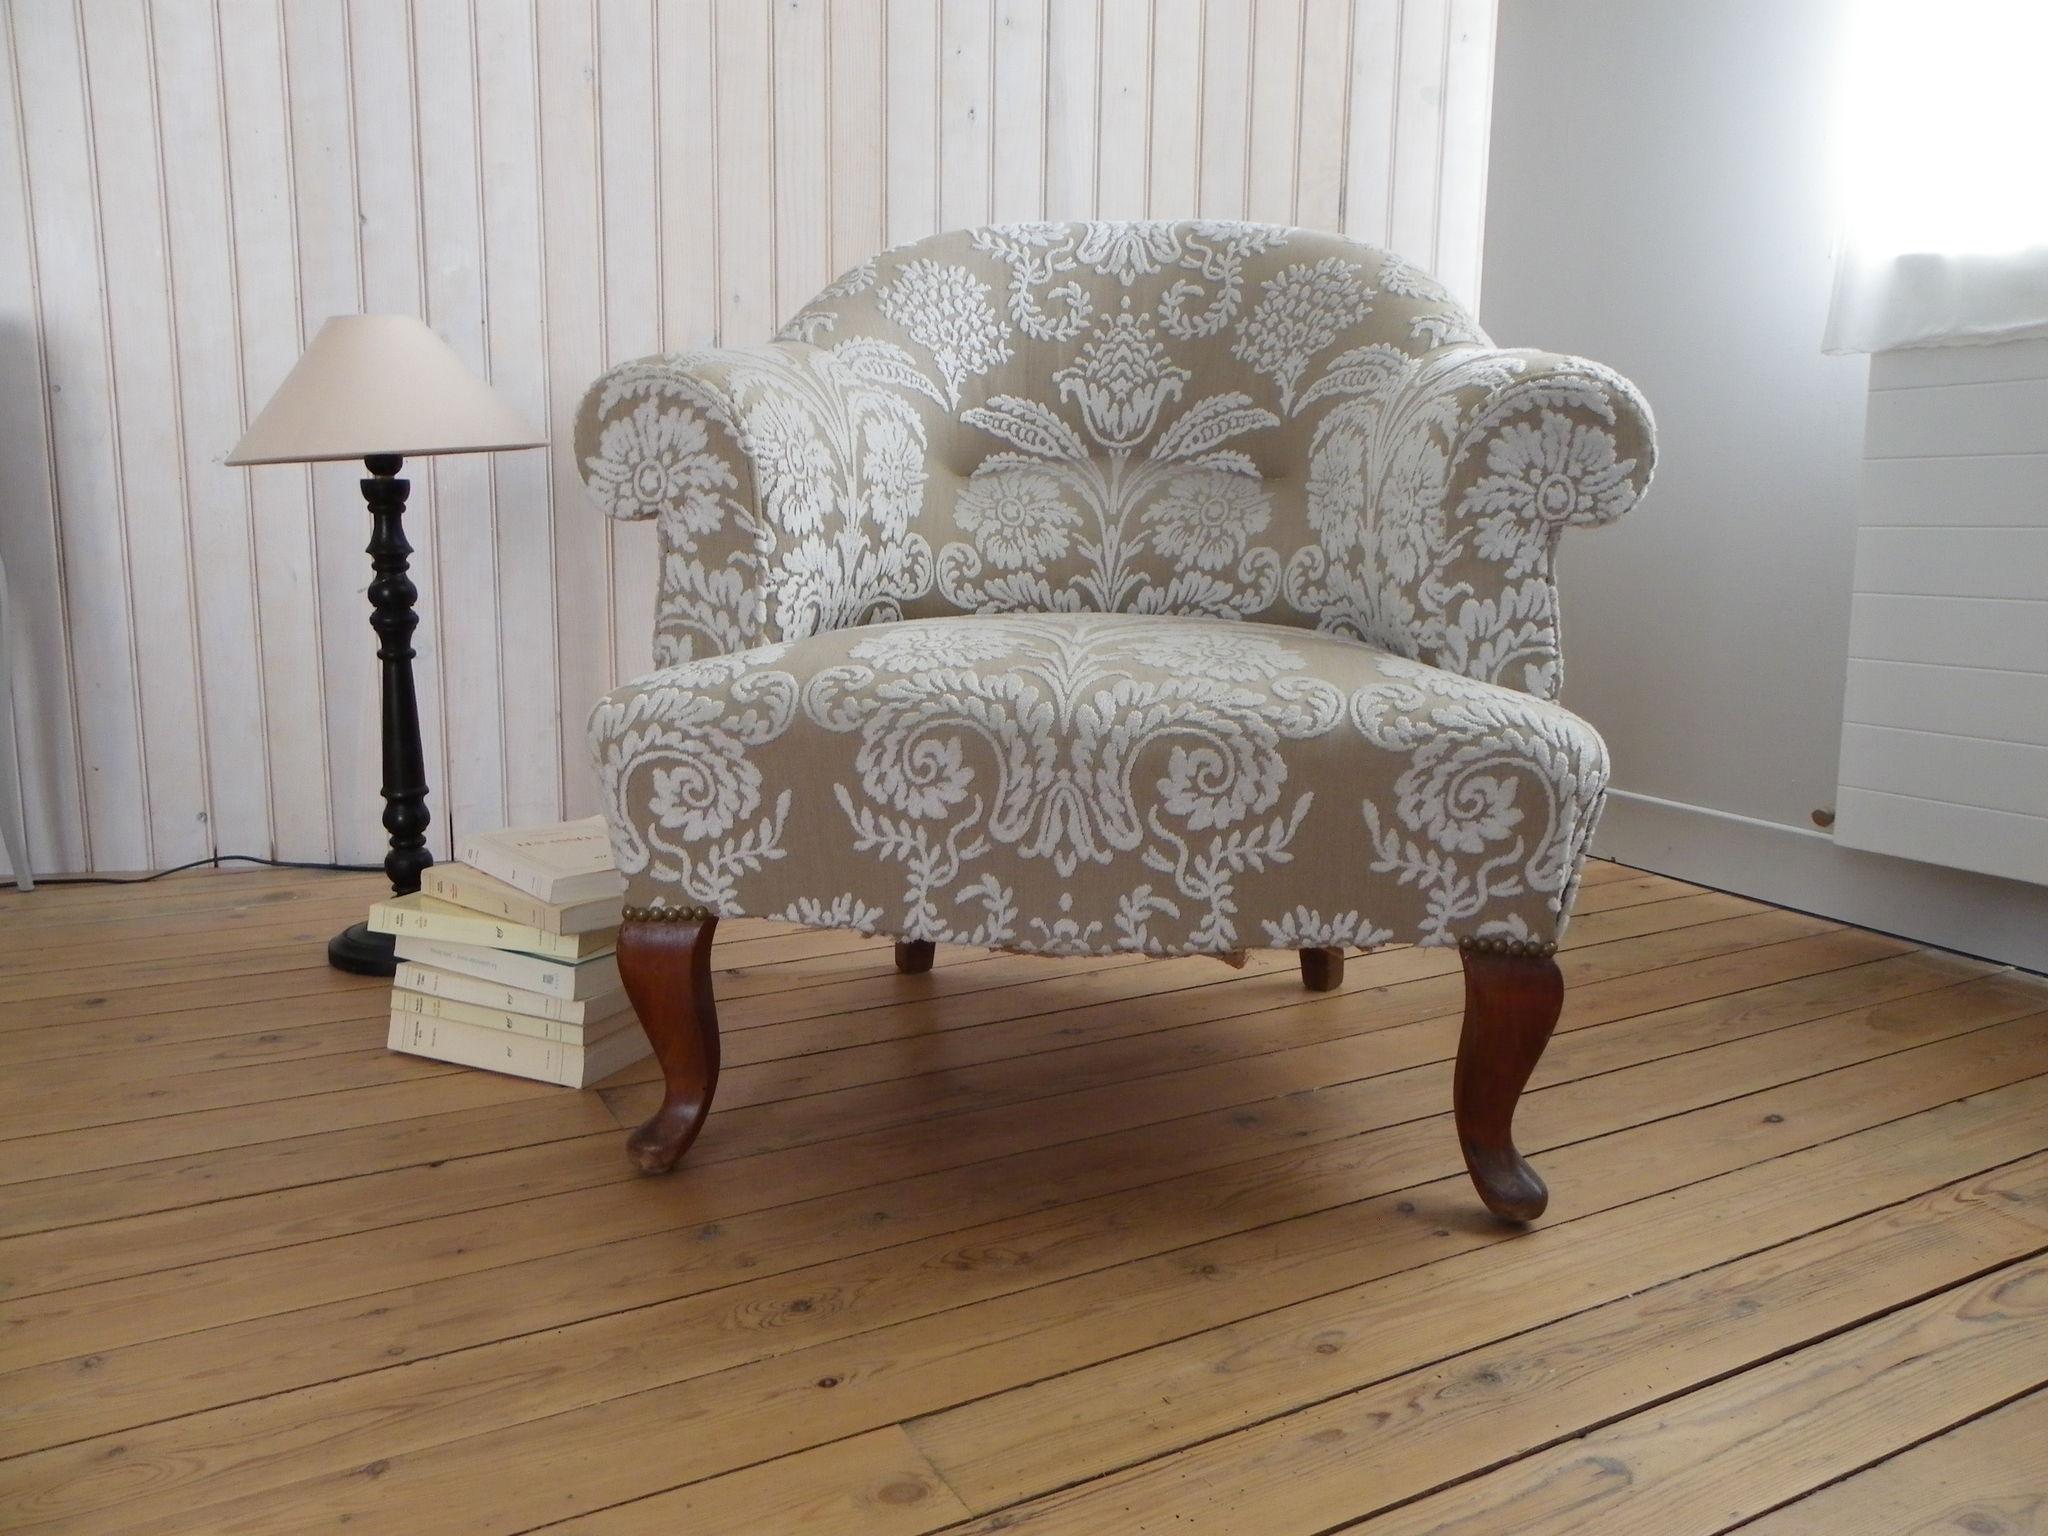 fauteuil crapaud photo de realisations voltaire et cie. Black Bedroom Furniture Sets. Home Design Ideas